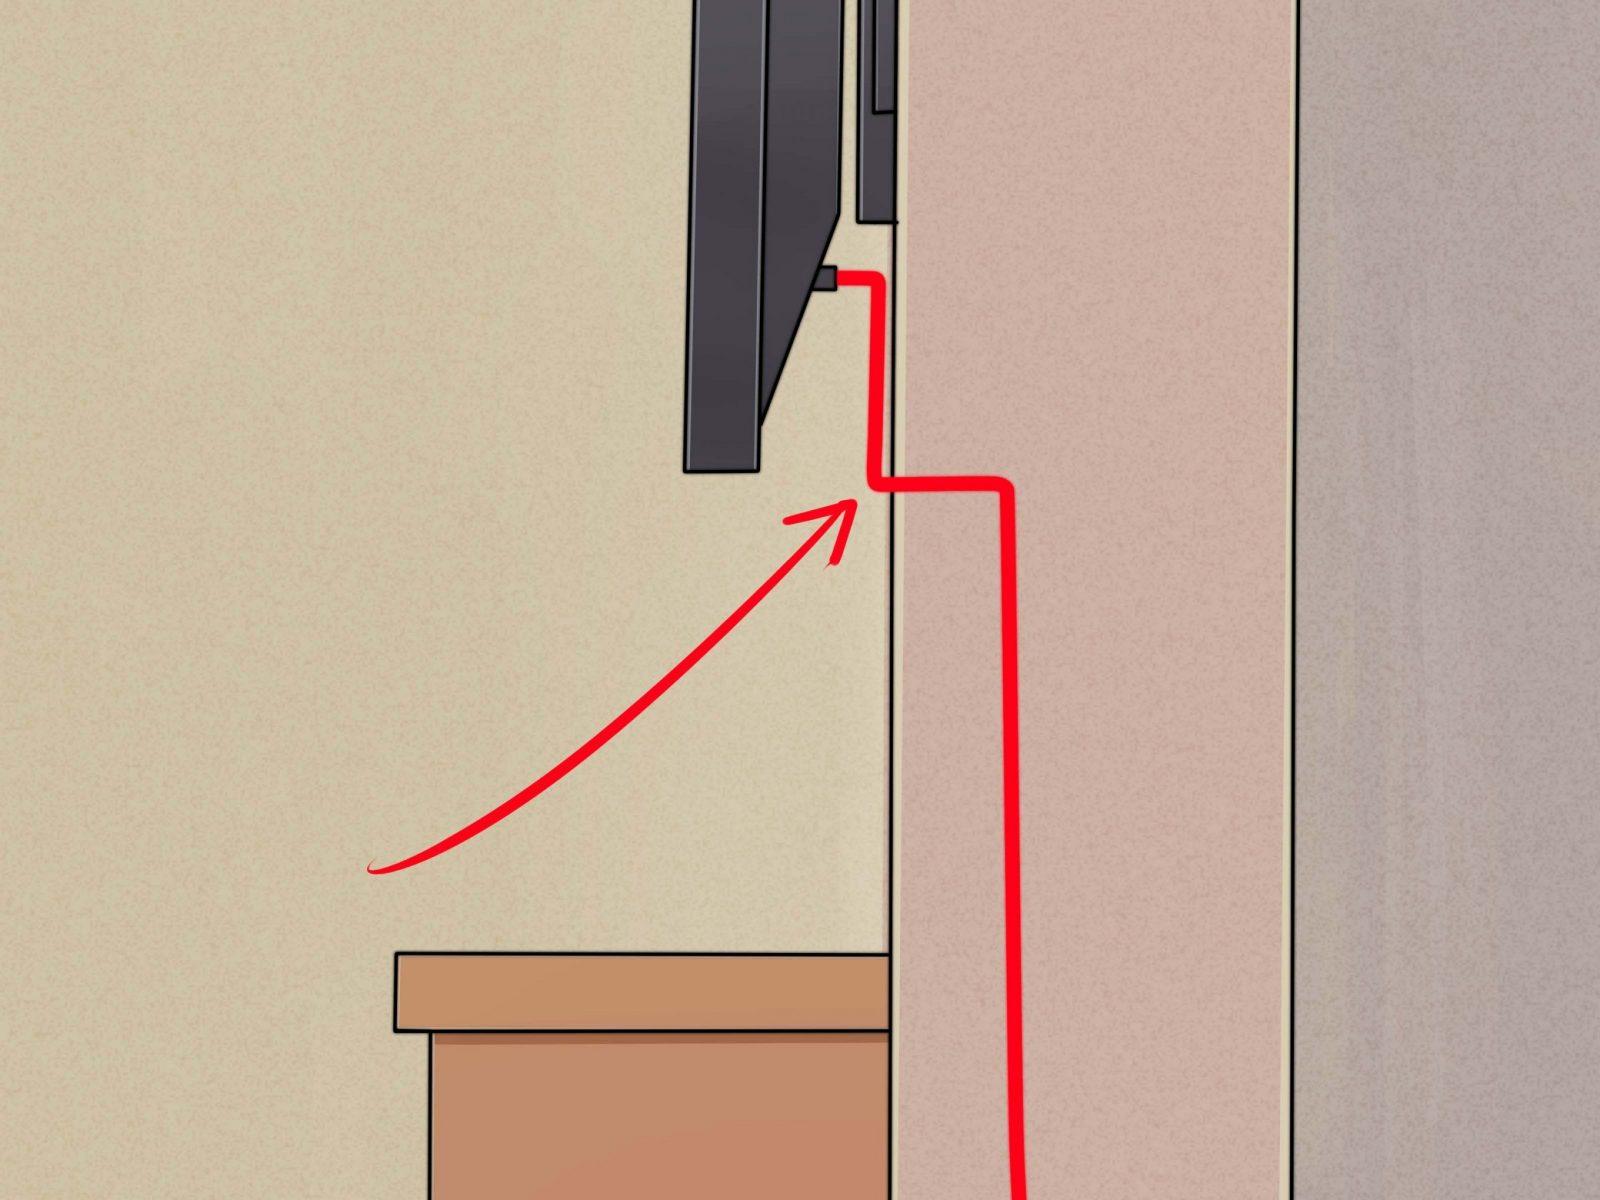 einen flachbildfernseher ohne sichtbare kabel an die wand montieren von fernseher aufh ngen. Black Bedroom Furniture Sets. Home Design Ideas